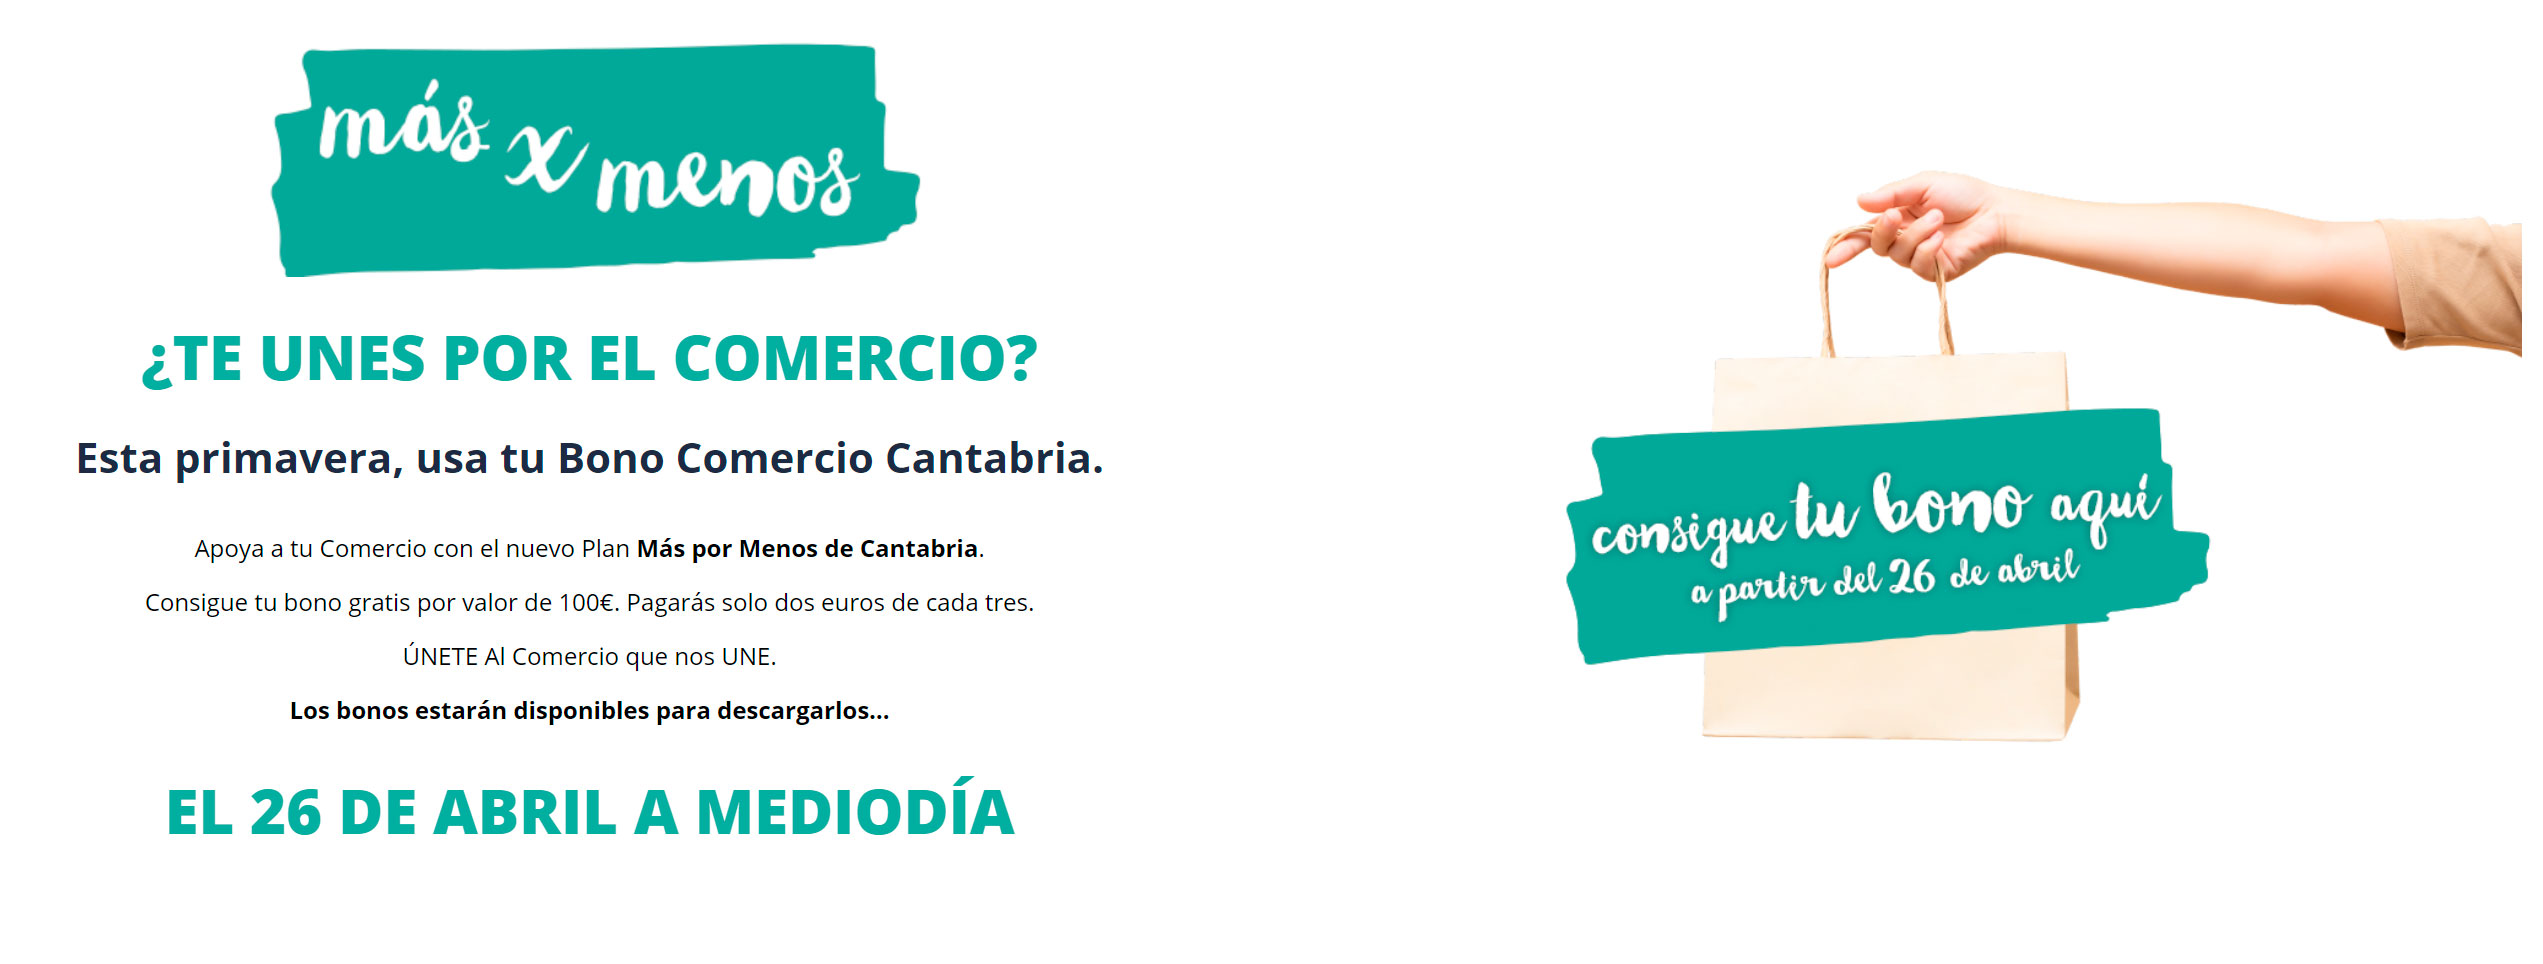 Cómo descargar tu bono Comercio Cantabria